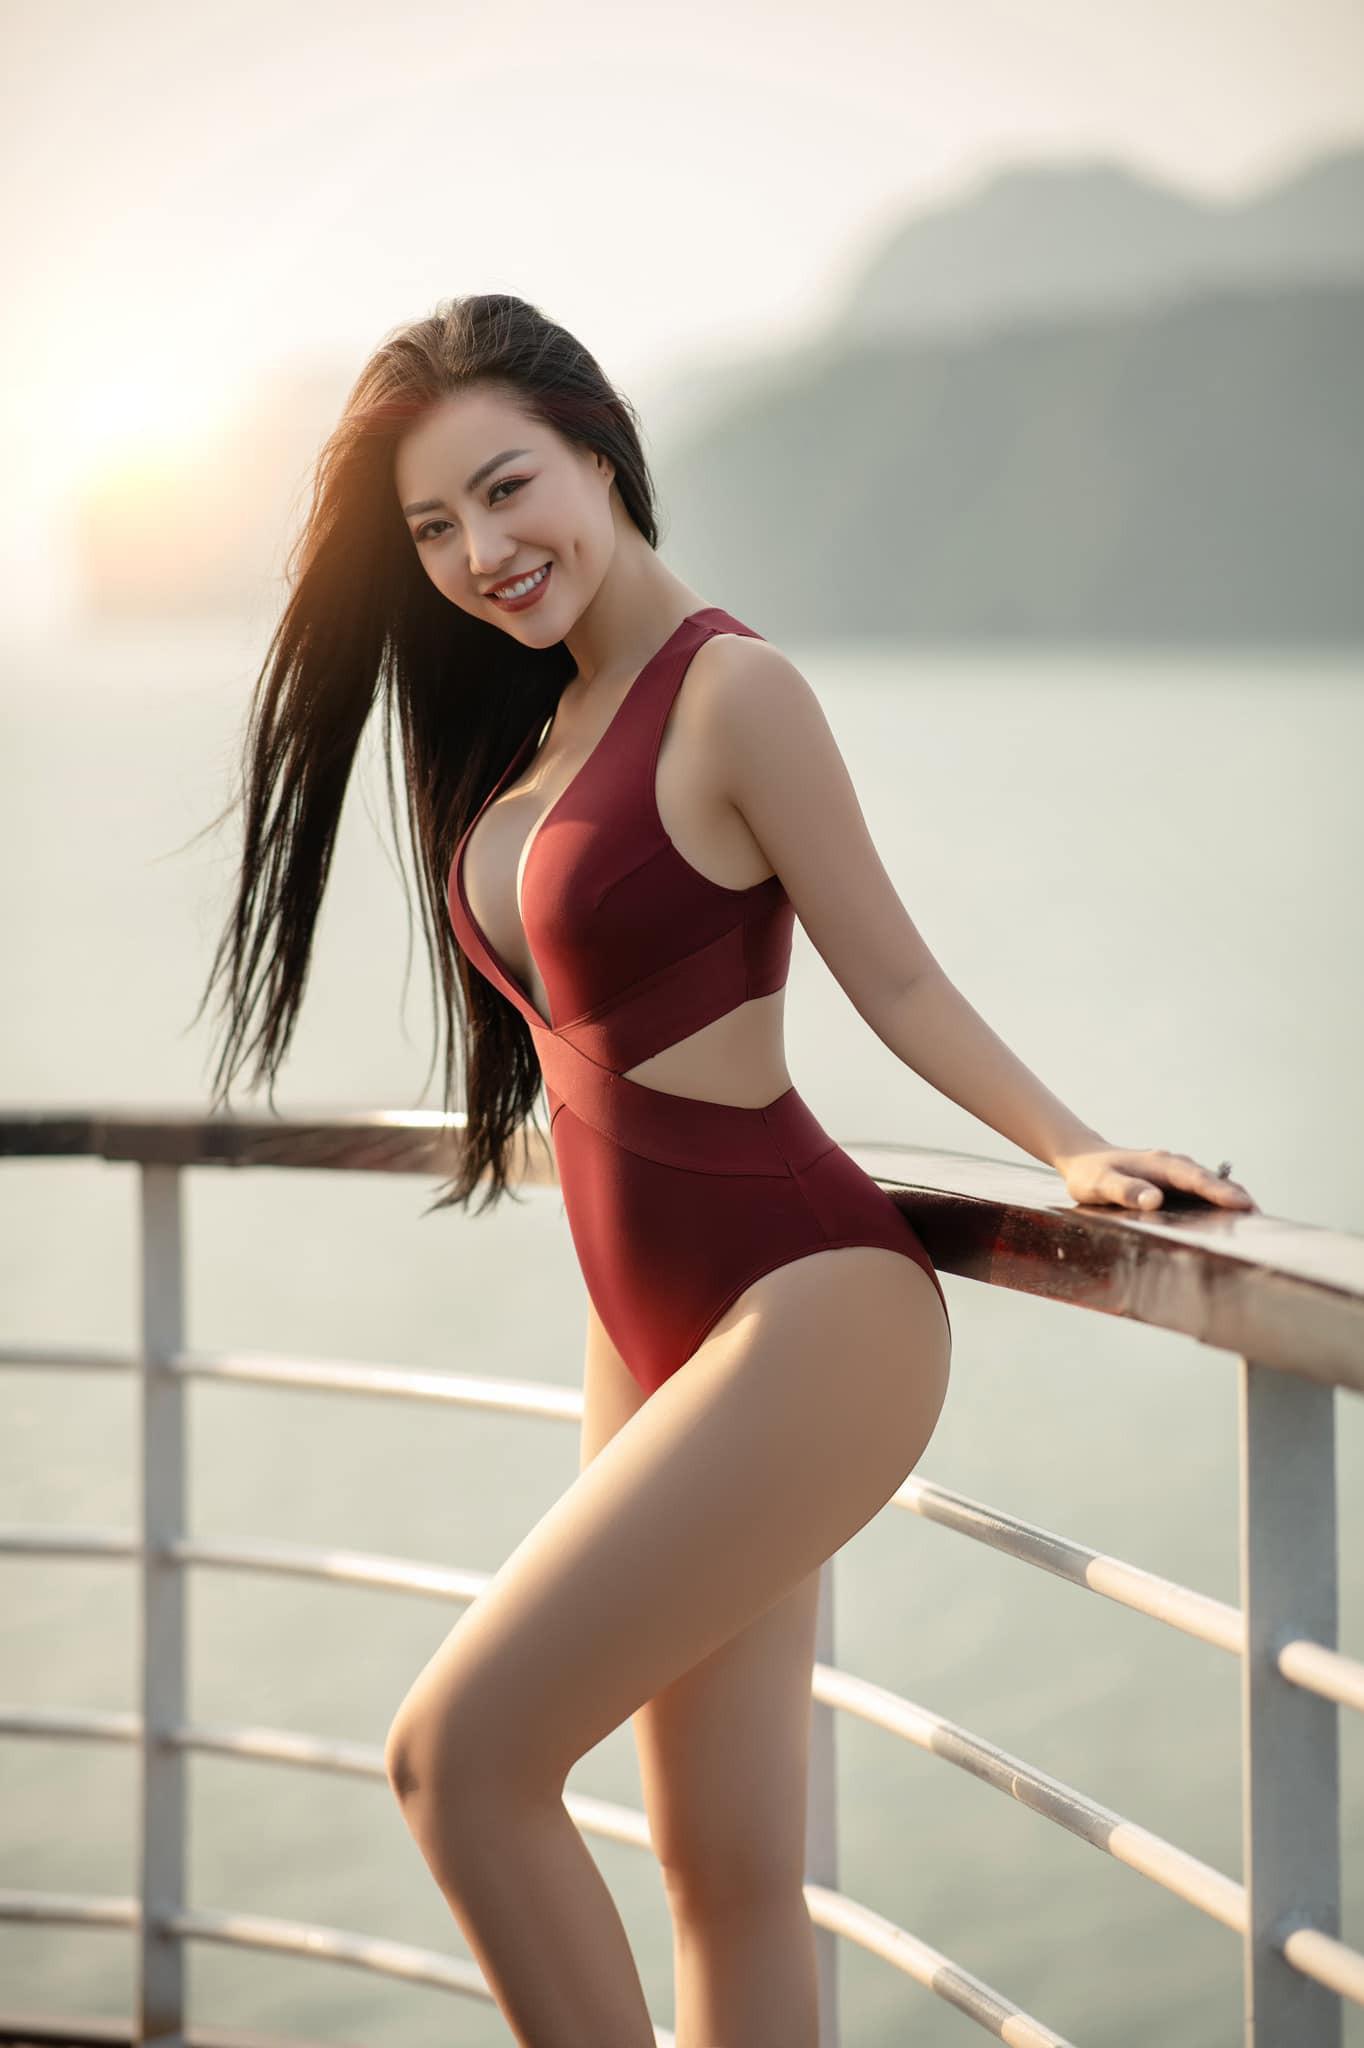 Sao Việt hôm nay (31/5): Ngọc Trinh đá xéo kẻ ganh ghét mình, Thanh Hằng mặc bikini khoe triệt để 3 vòng gợi cảm - Ảnh 7.